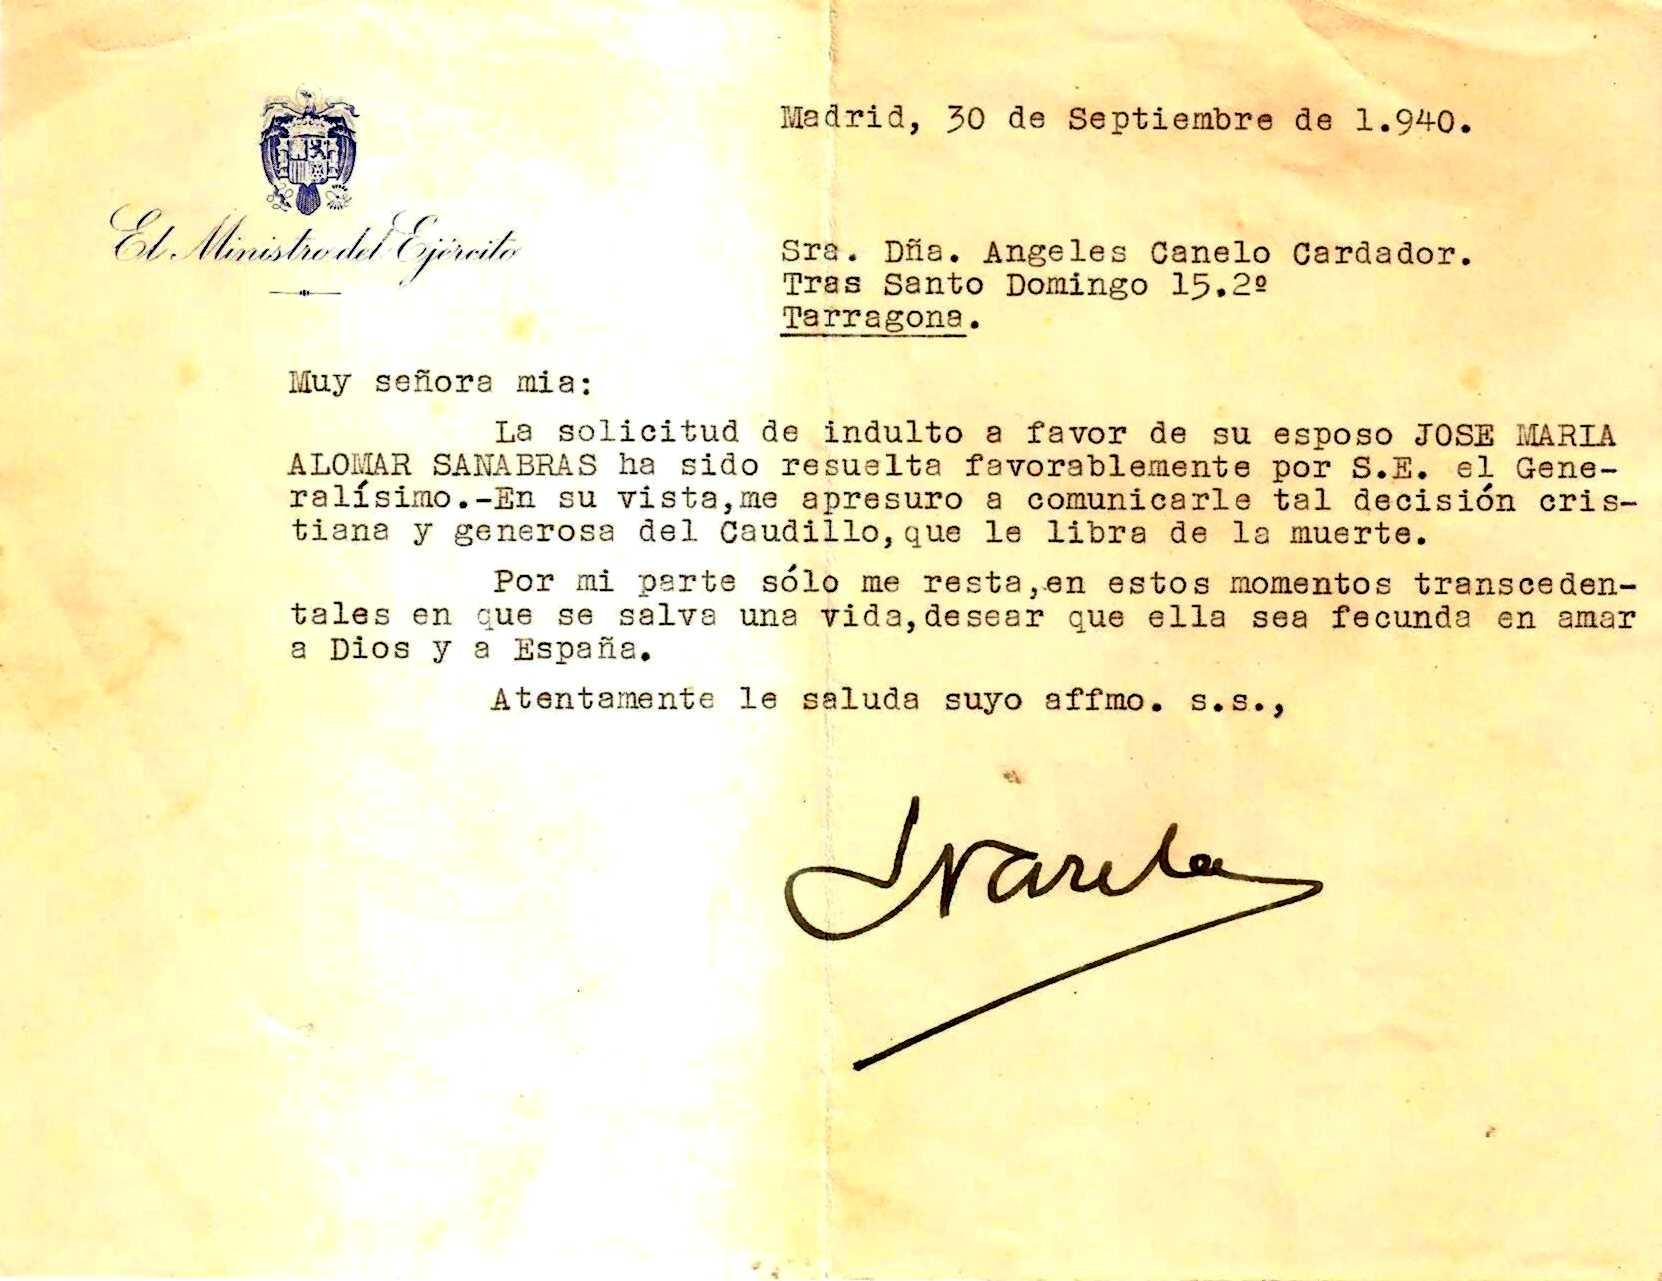 Carta del general Enrique Varela, ministre de l'Exèrcit franquista, a l'esposa d'Alomà, Ángeles Canelo Cardador, comunicant-li l'indult